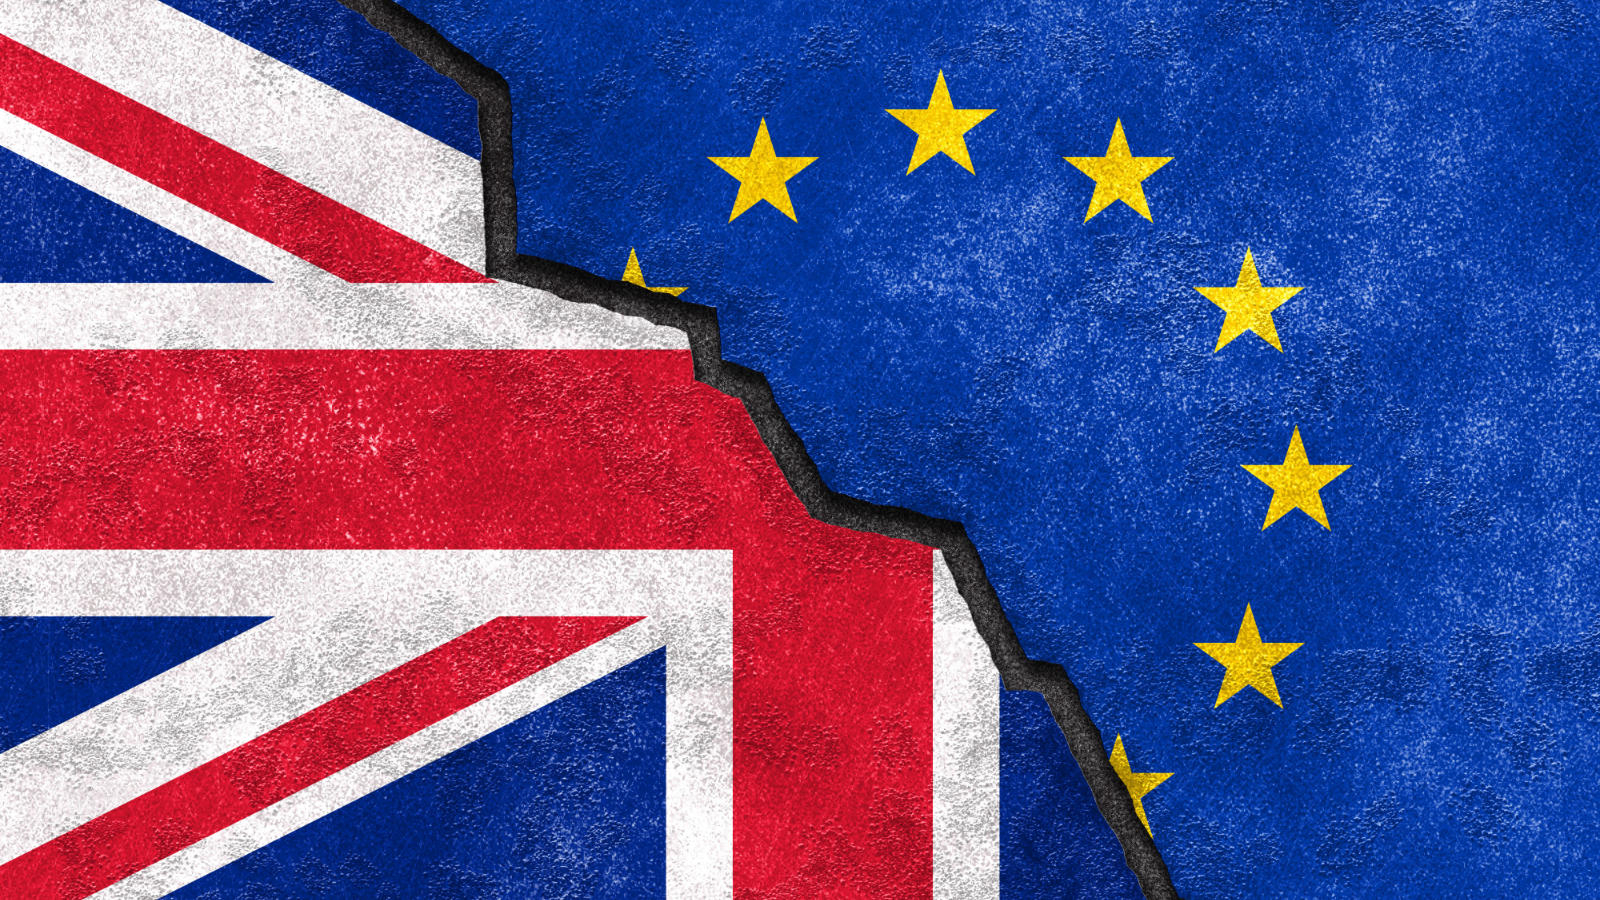 Le Brexit Impacte Les Studios Britanniques De Jeux Vidéo serapportantà Jeux Union Européenne